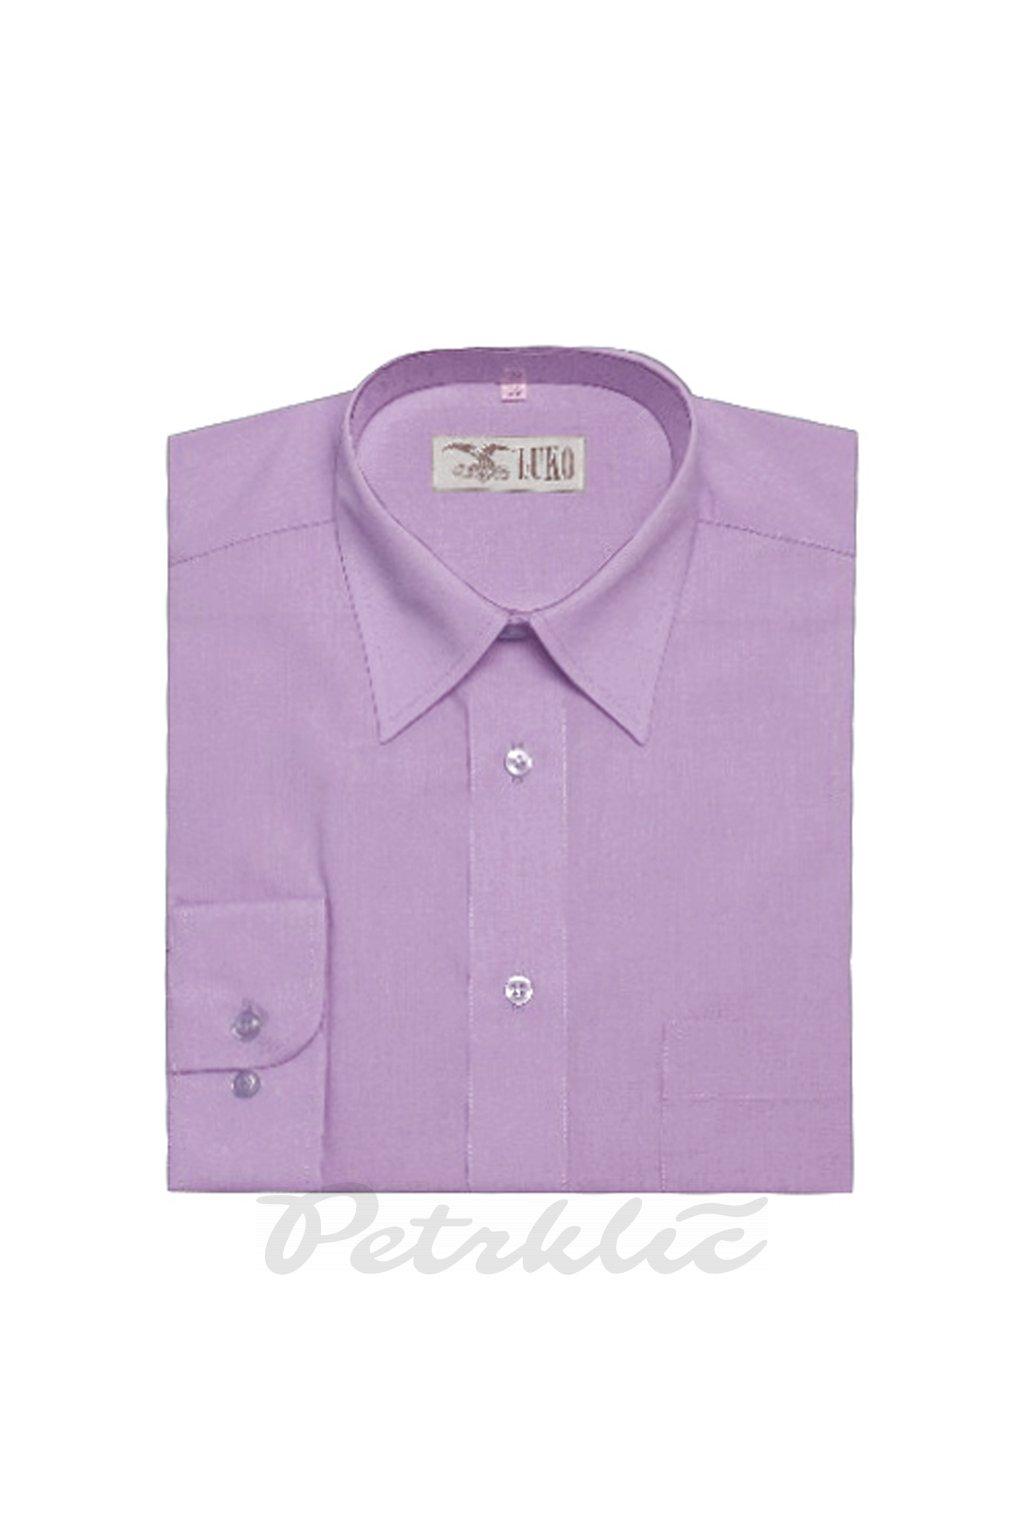 Pánská košile krátký rukáv - 1:1 bavlna a polyester